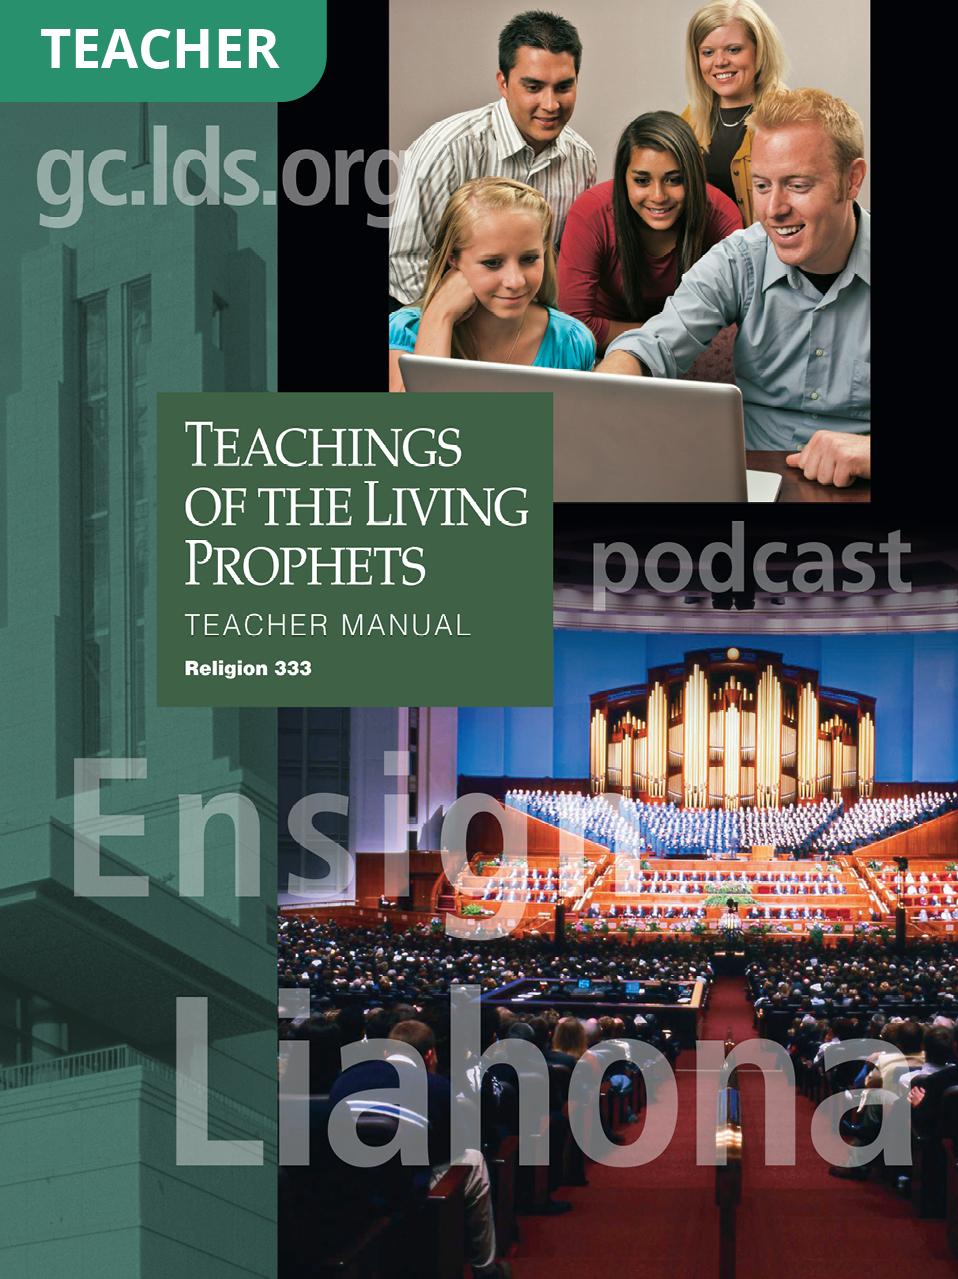 Teachings of the Living Prophets Teacher Manual (Rel 333)